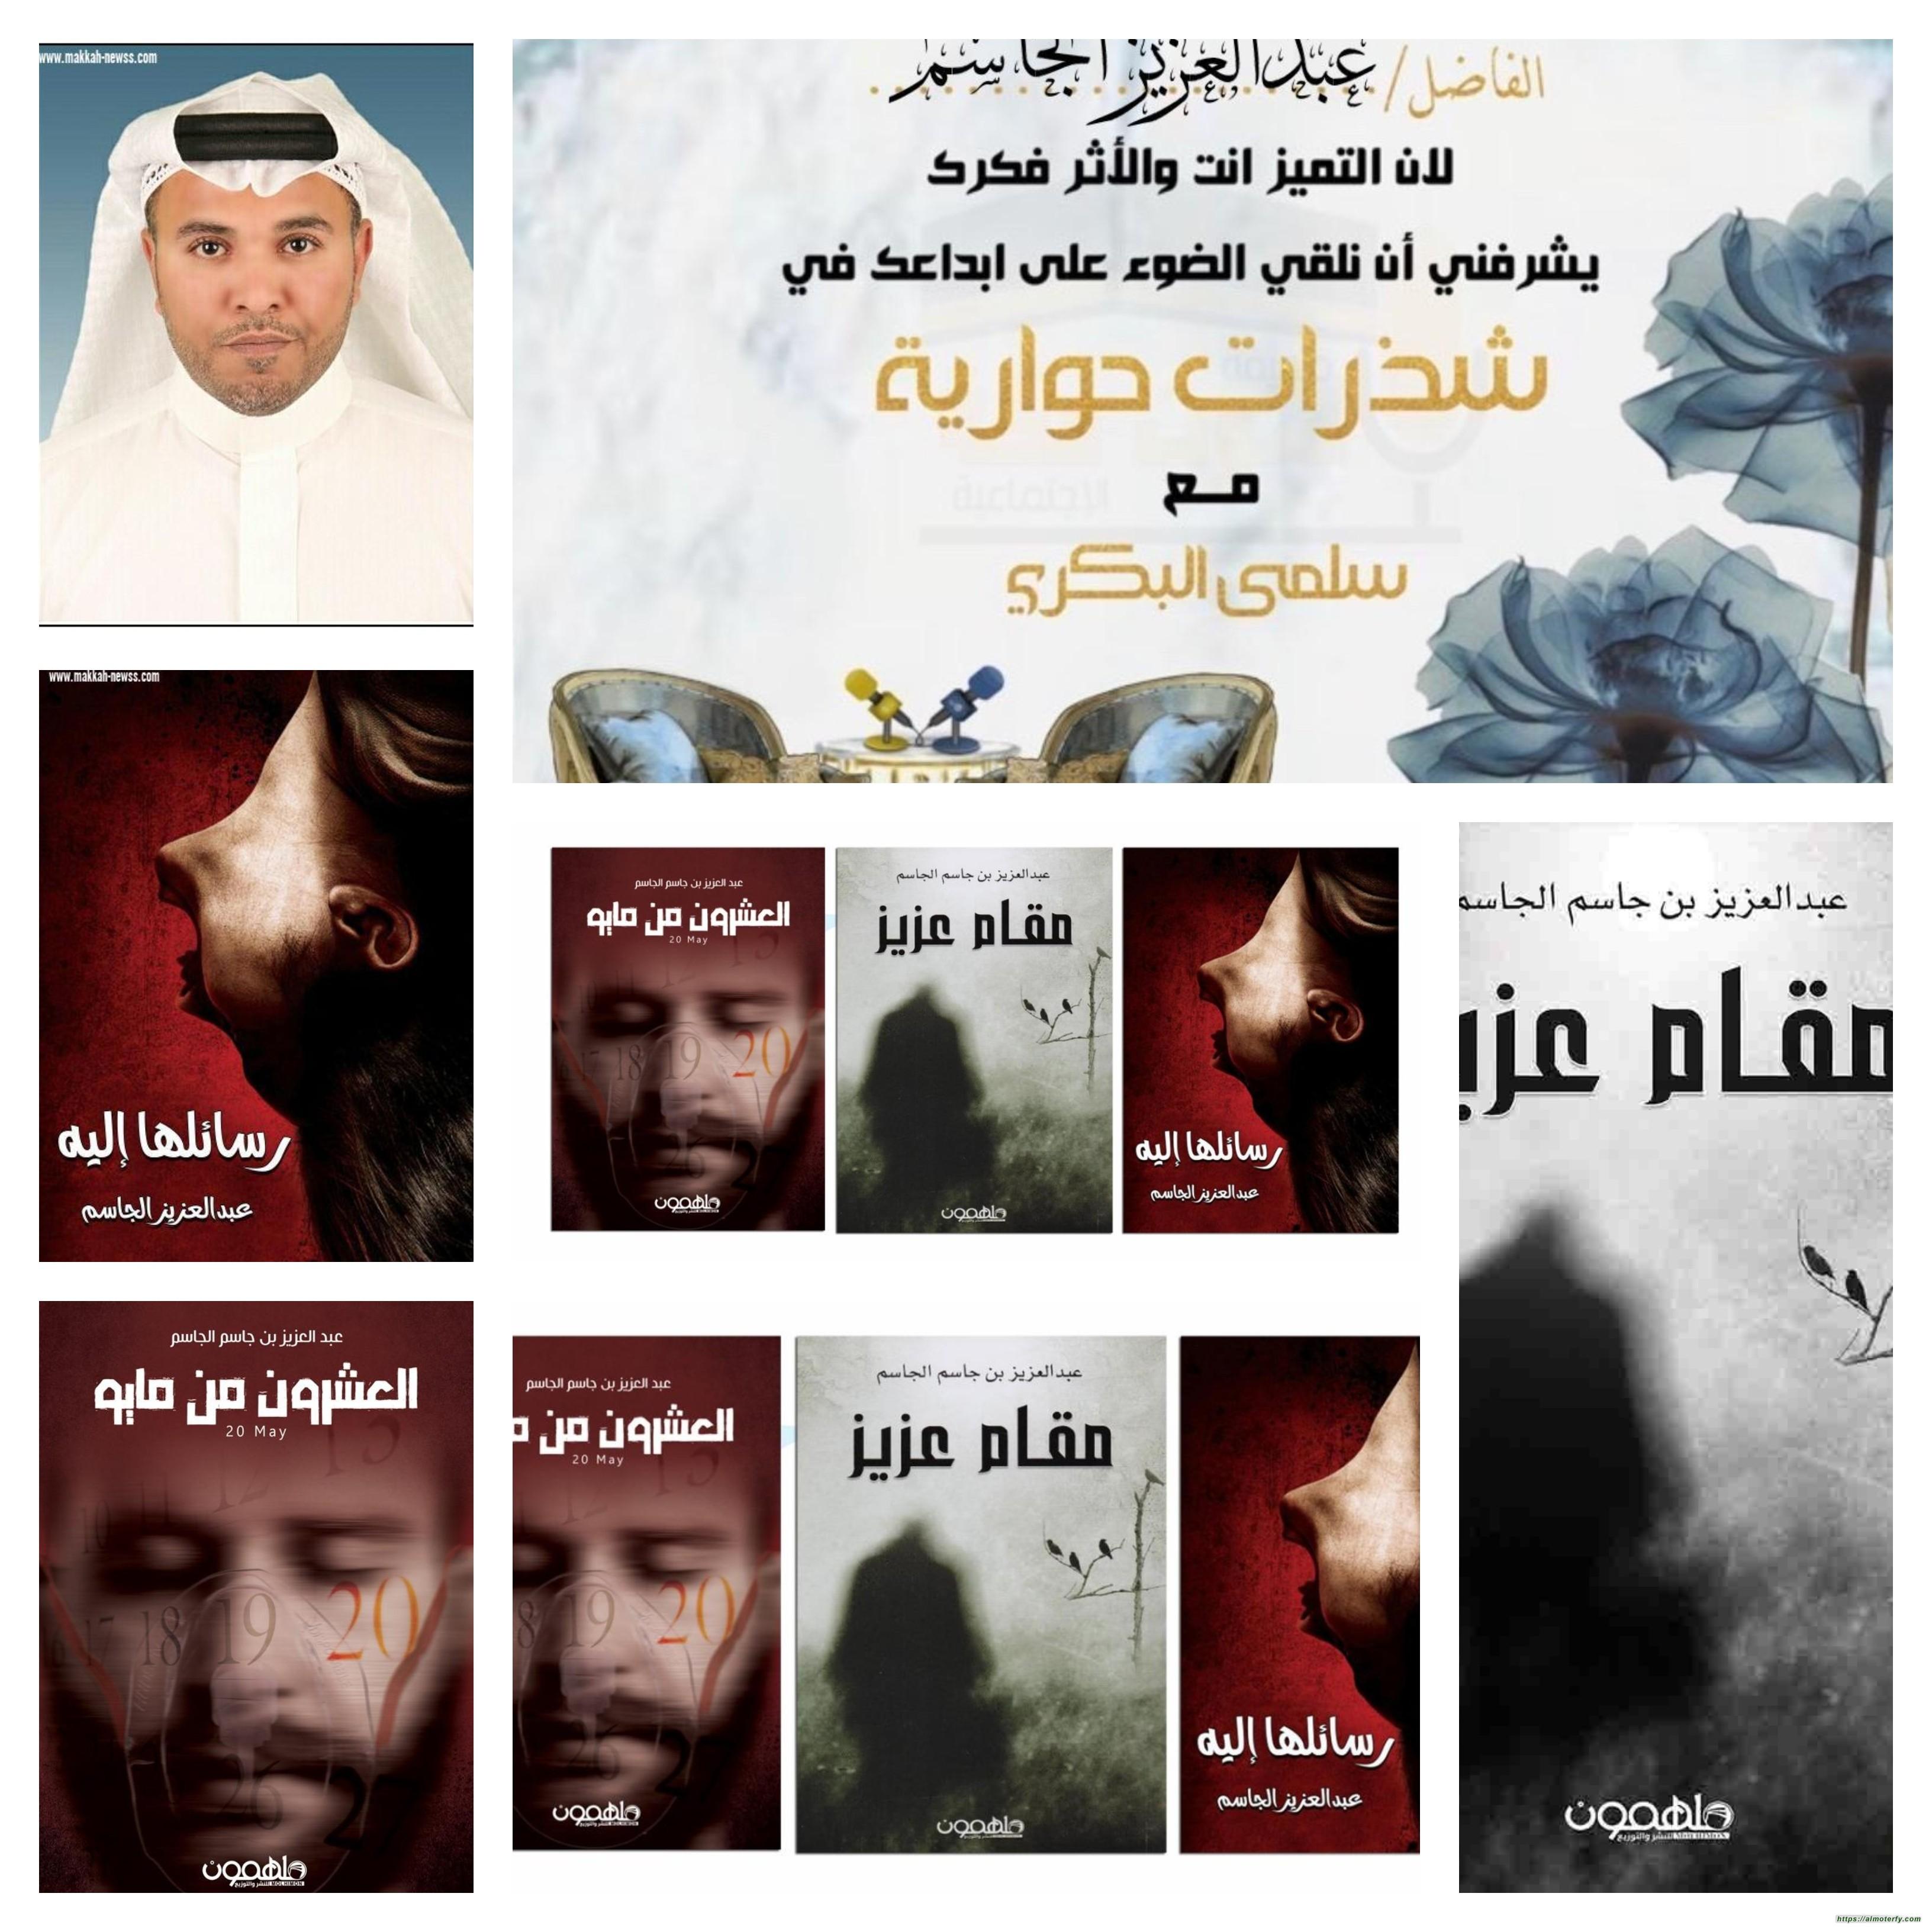 في حوار لصحيفة صوت مكة الاجتماعية مع الشاعر والروائي السعودي عبدالعزيز الجاسم:  عدد كبيرٌ من الإصدارات التي تتم طباعتها سنوياً لكن و مع الأسف قليلةٌ هي المحتويات المفيدة في كثيرٍ من تلك الكتب ذات الطابع البوليوودي المتكرر.